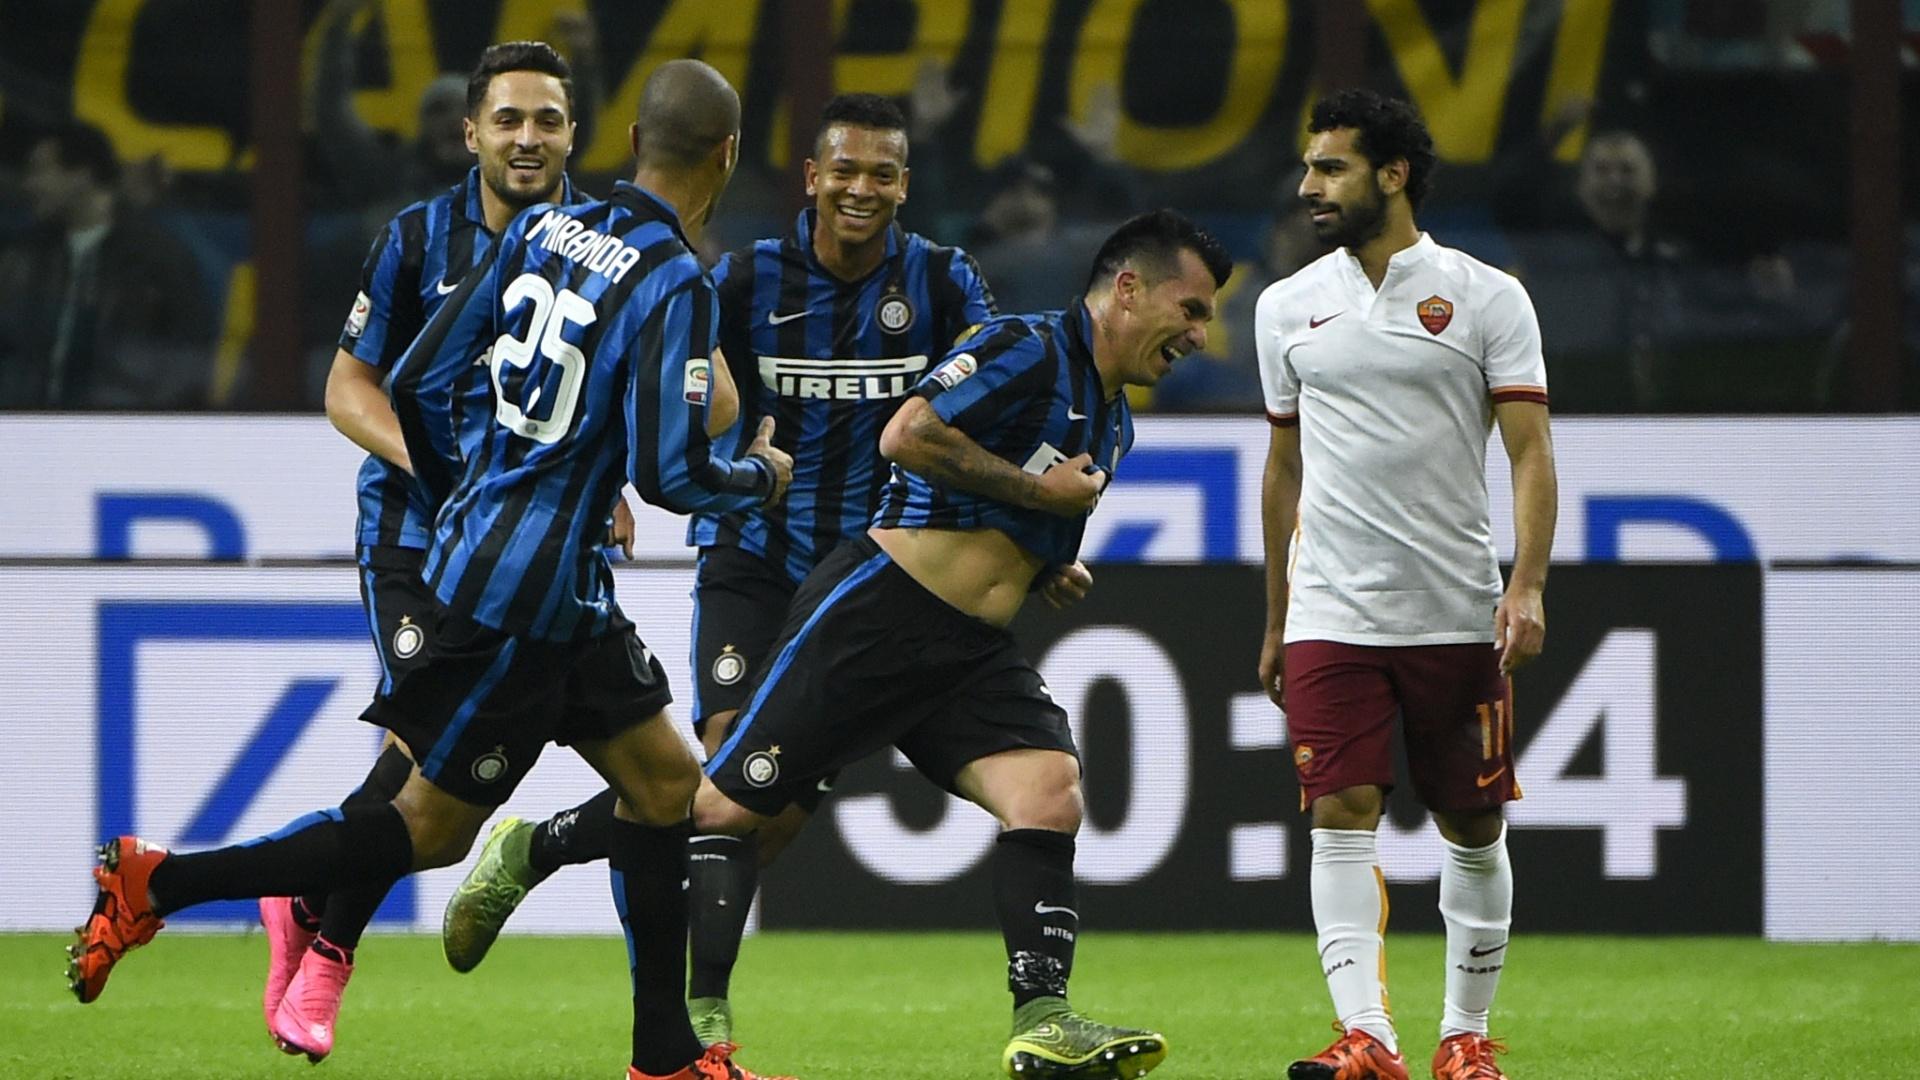 Jogadores da Inter comemoram gol macado contra a Roma, em jogo do Campeonato Italiano